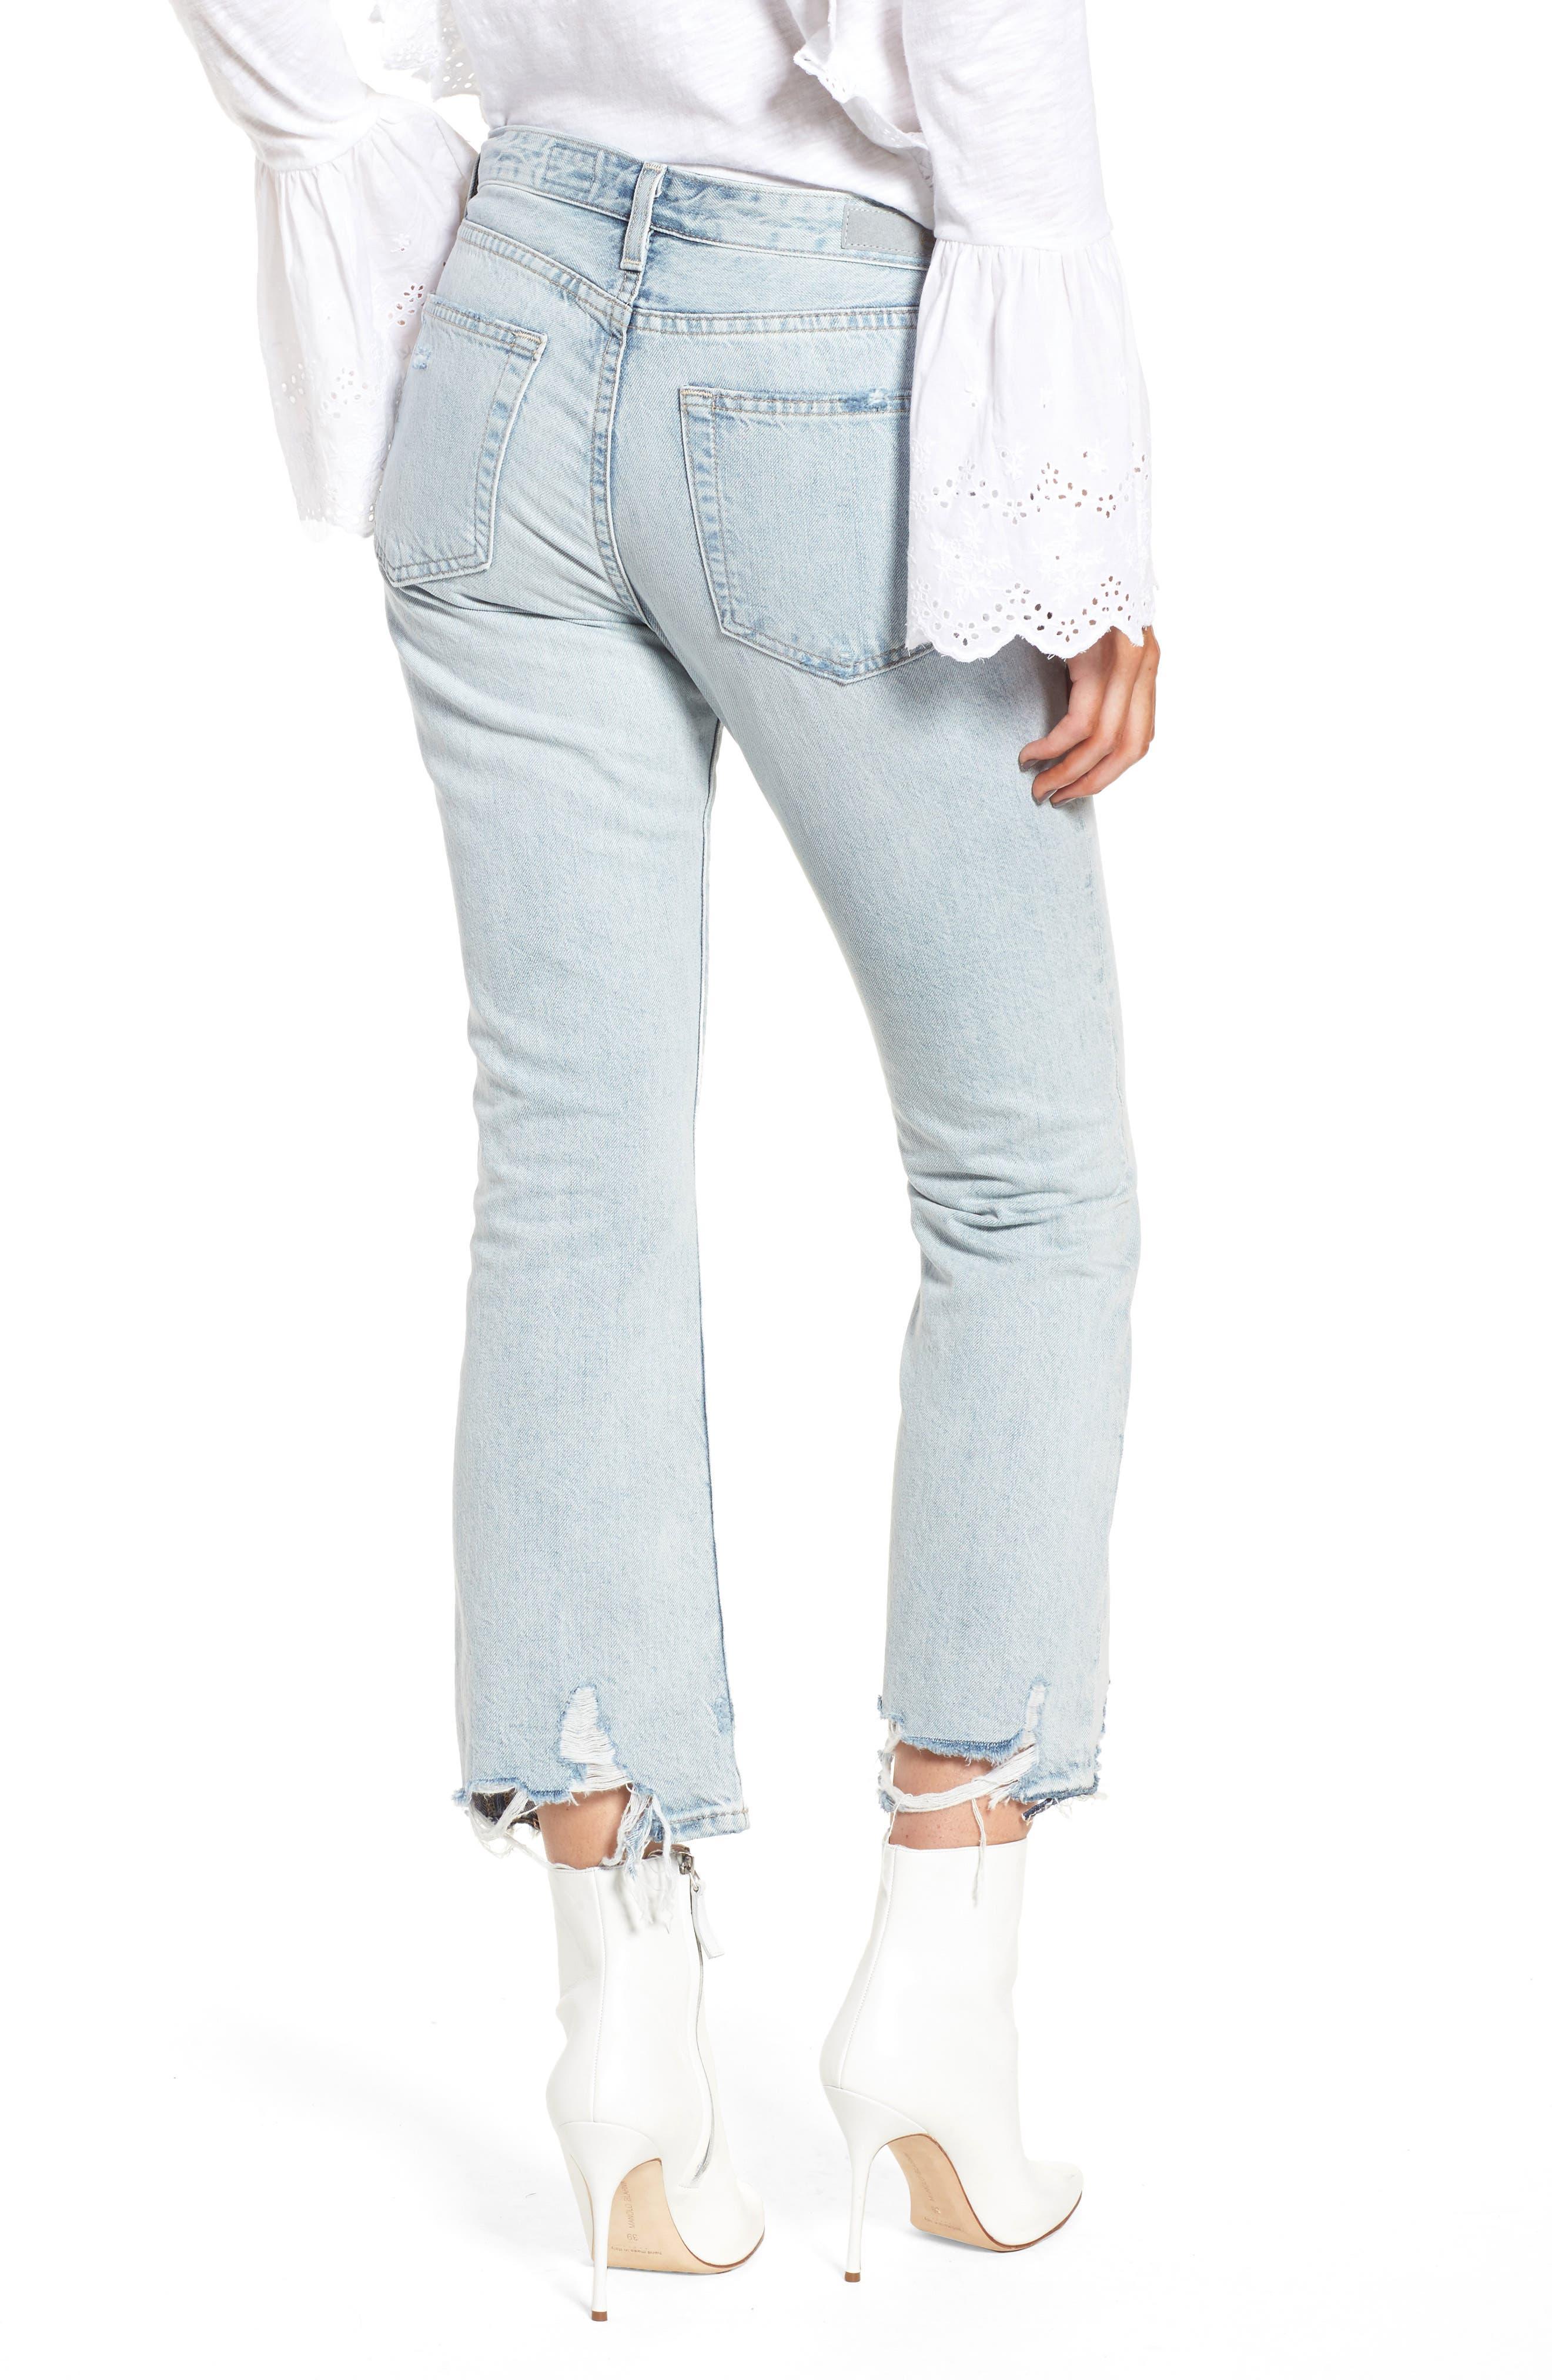 Jeans Jodi Crop Jeans,                             Alternate thumbnail 2, color,                             455